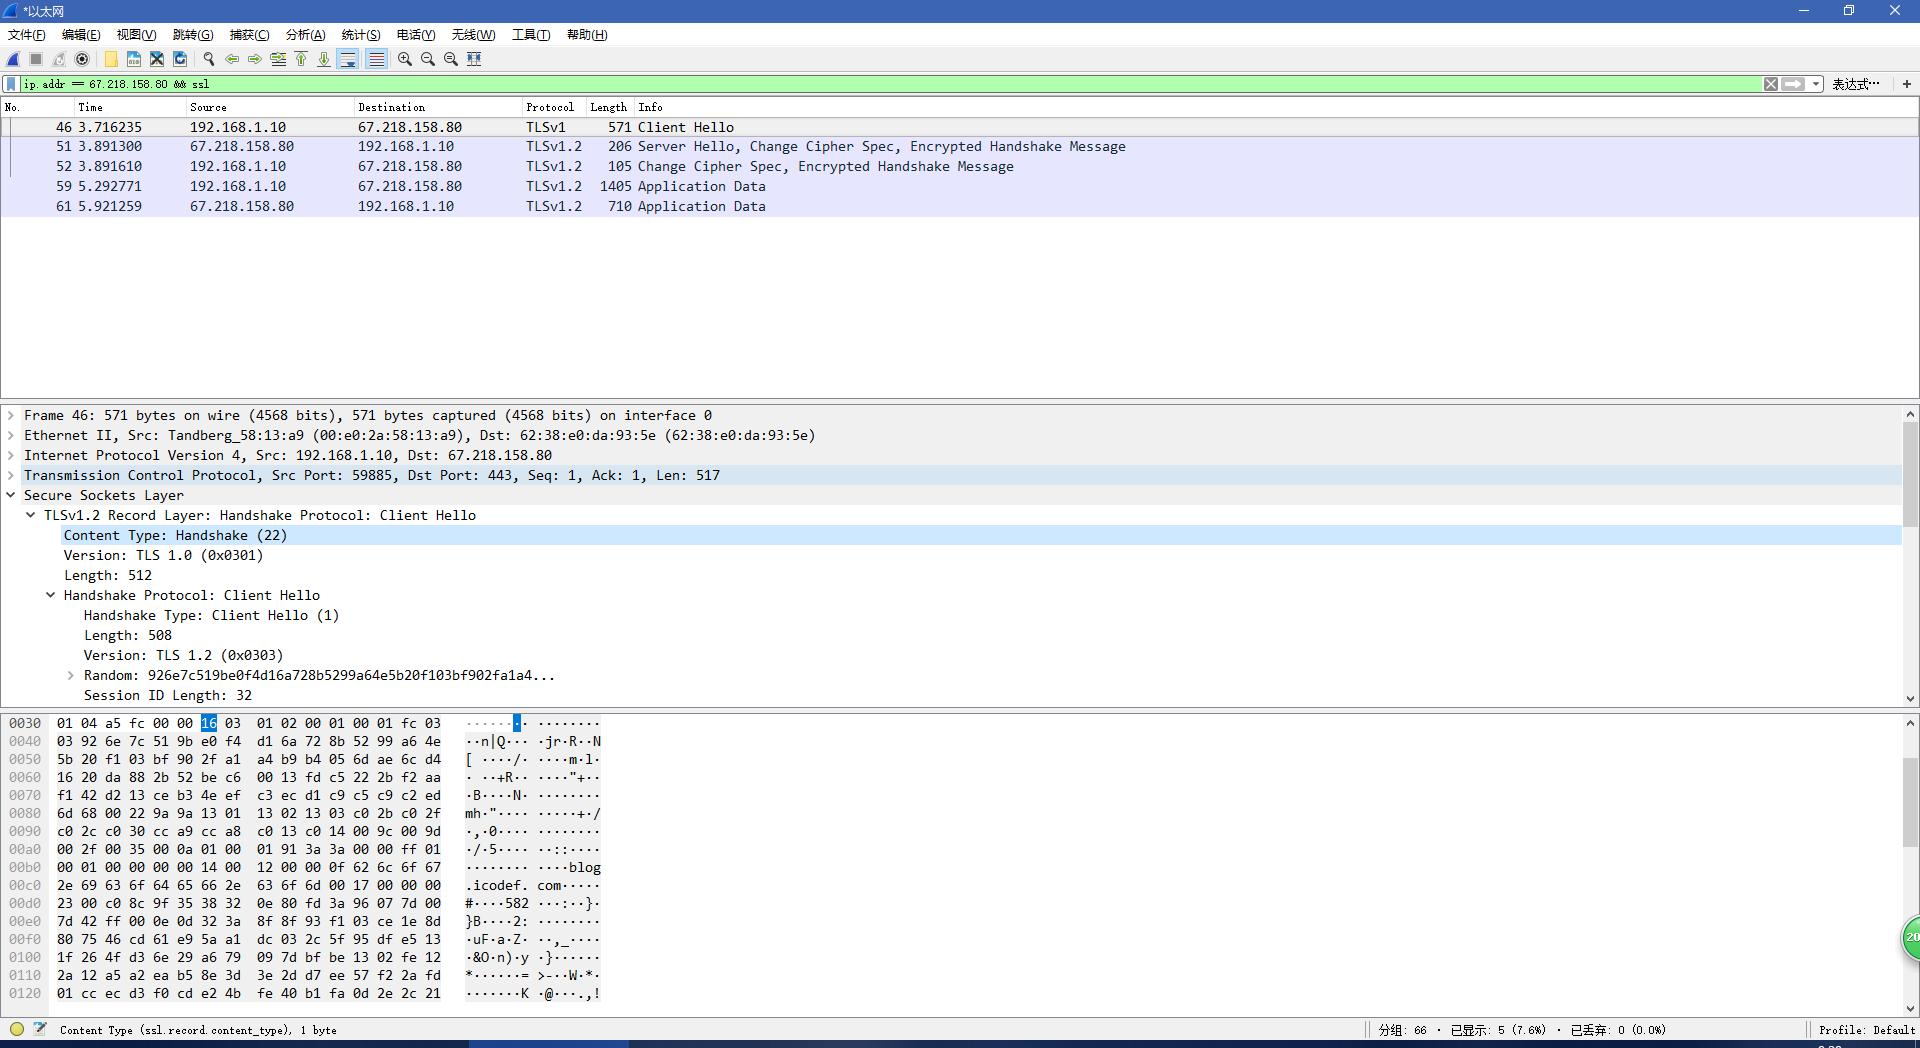 《SSL/TLS client hello 解析》